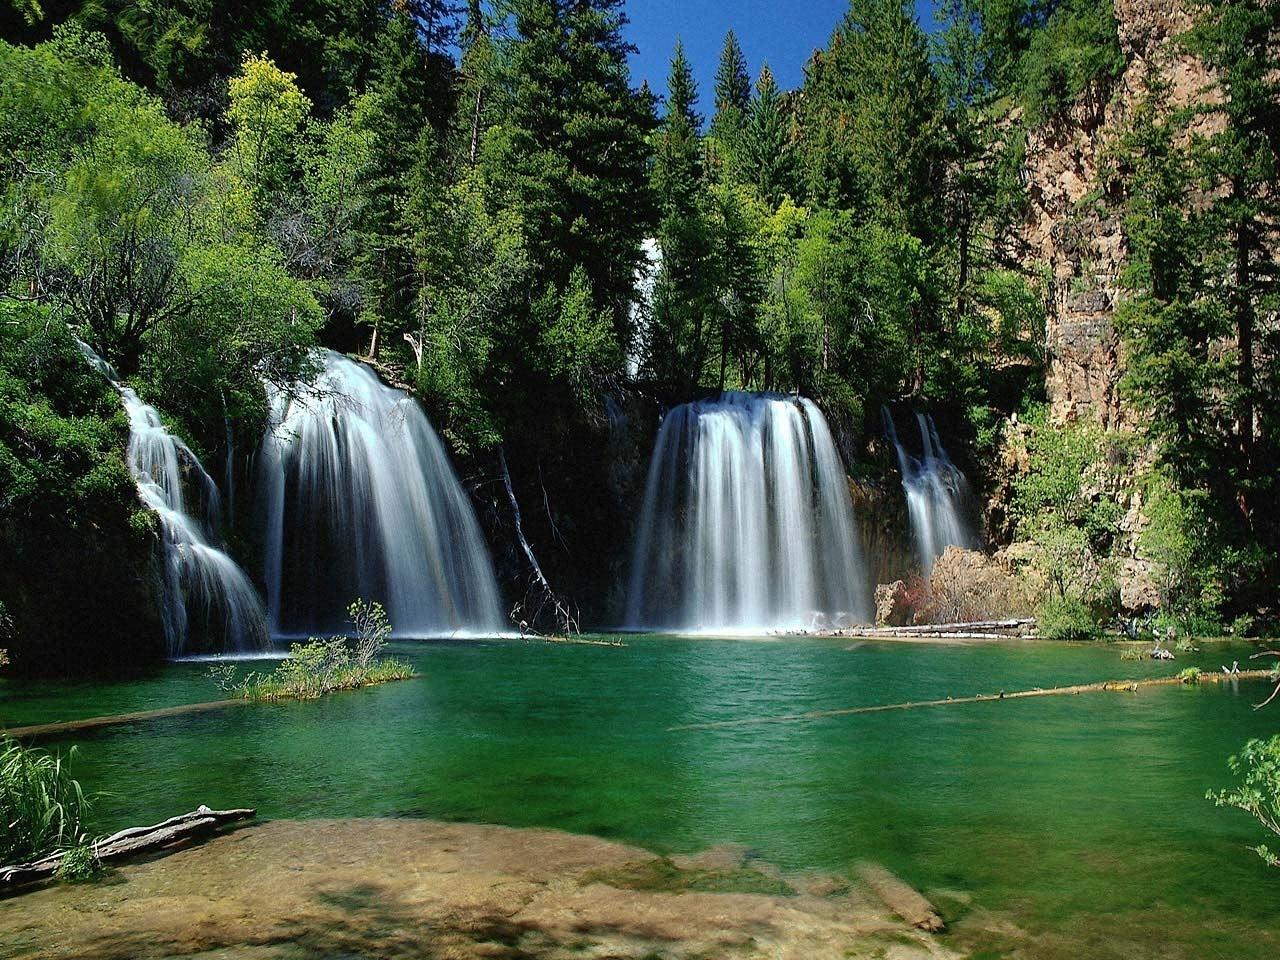 45826 скачать обои Пейзаж, Водопады - заставки и картинки бесплатно